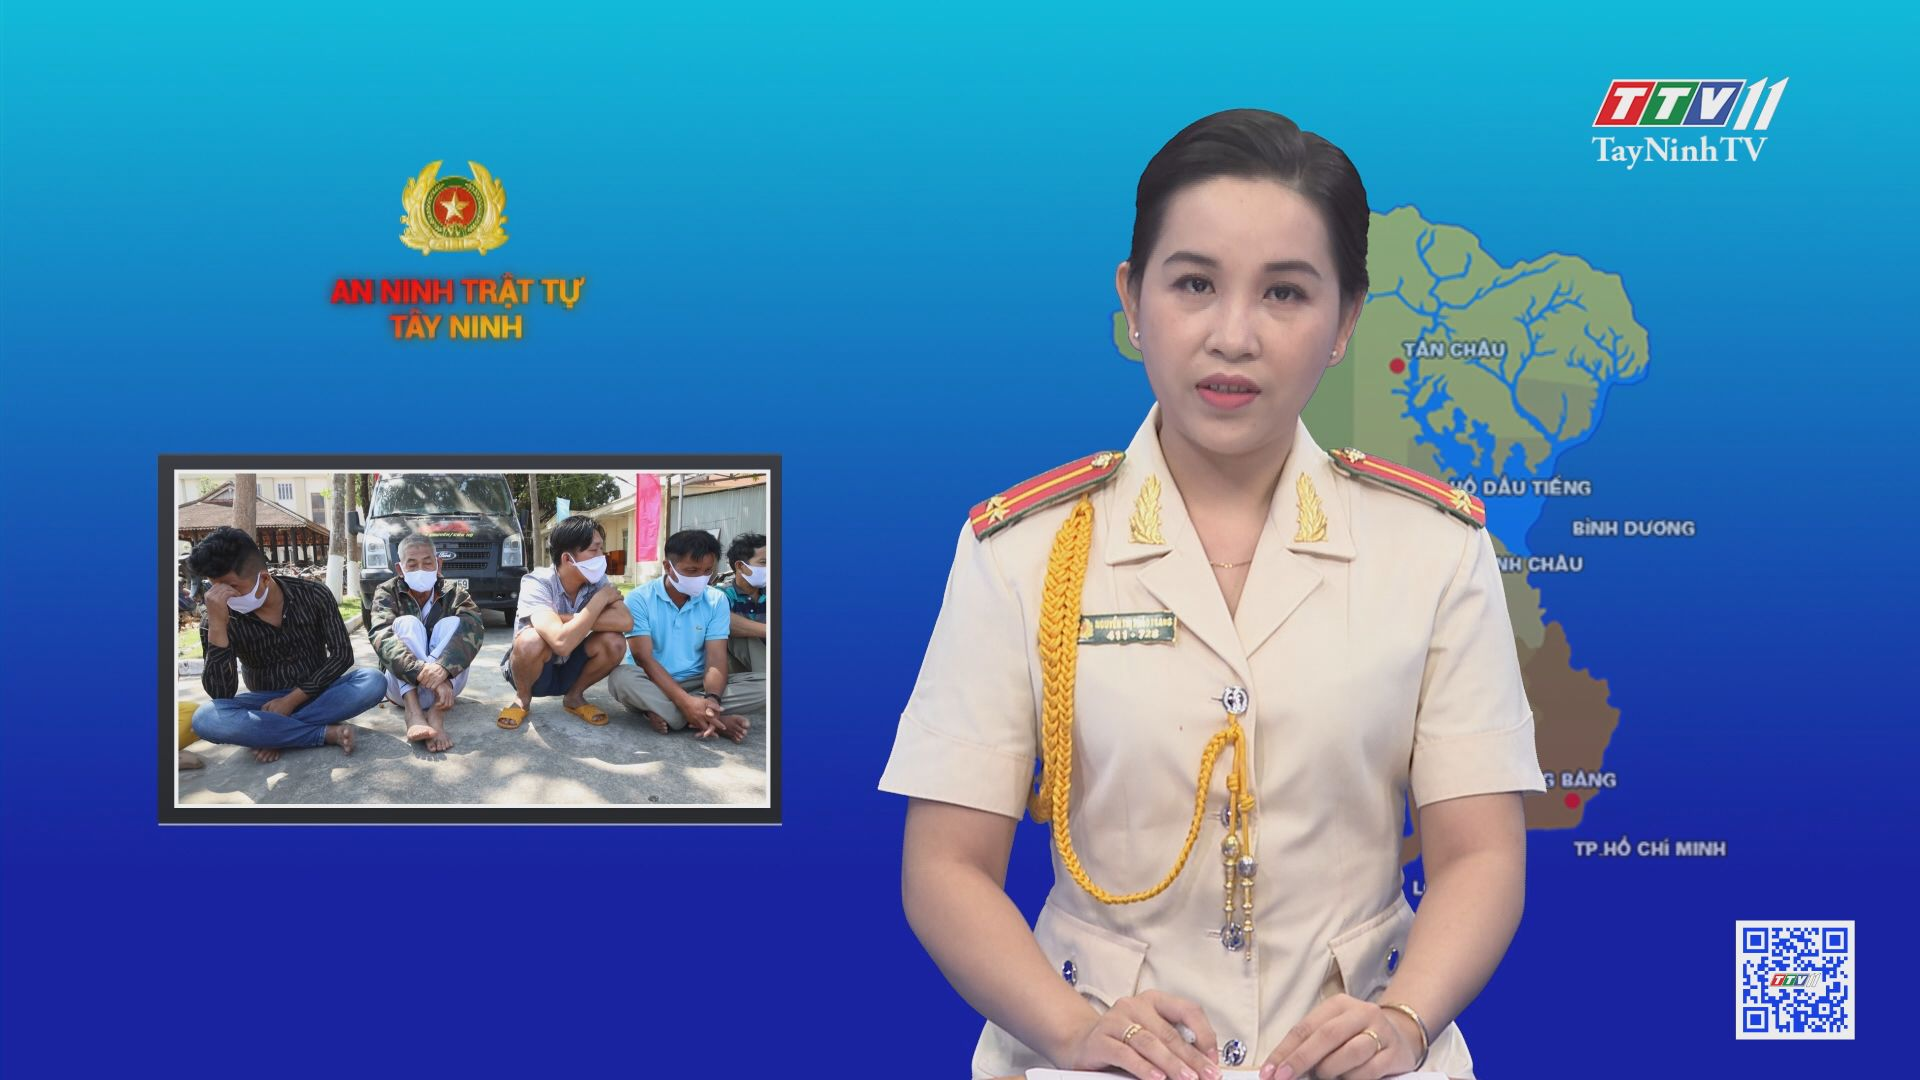 Bắt giữ: nhiều vụ, đối tượng với các hành vi vi phạm pháp luật | AN NINH TRẬT TỰ | TayNinhTV